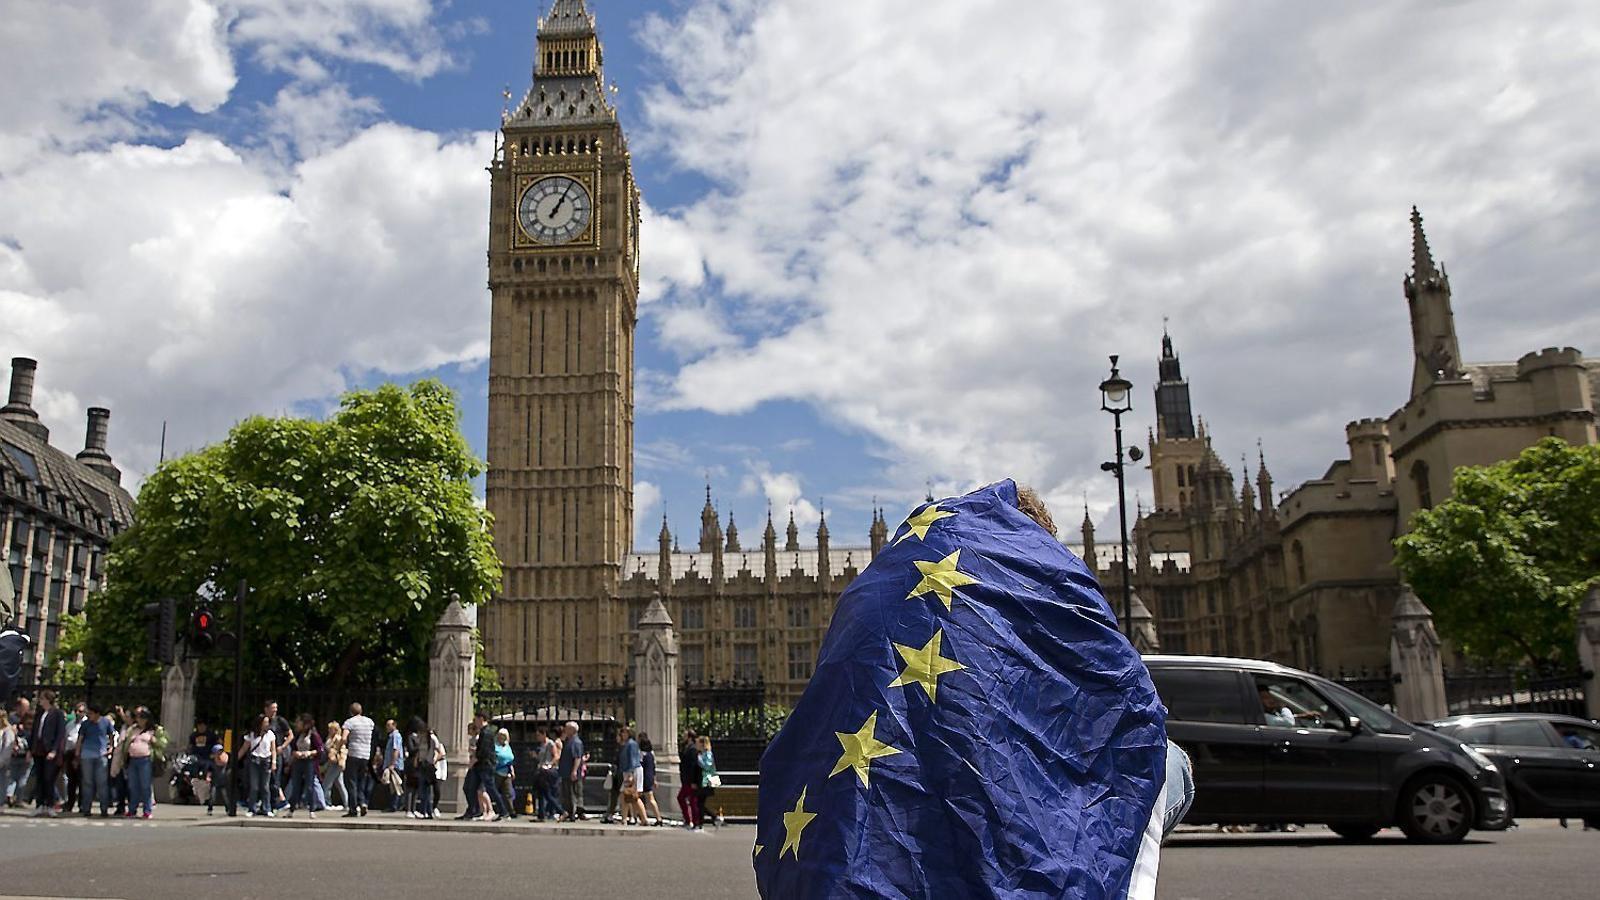 Westminster va ser l'escenari d'una manifestació proeuropea ahir, l'endemà de saber-se que el Regne Unit ha enfilat el camí de sortida de la UE.